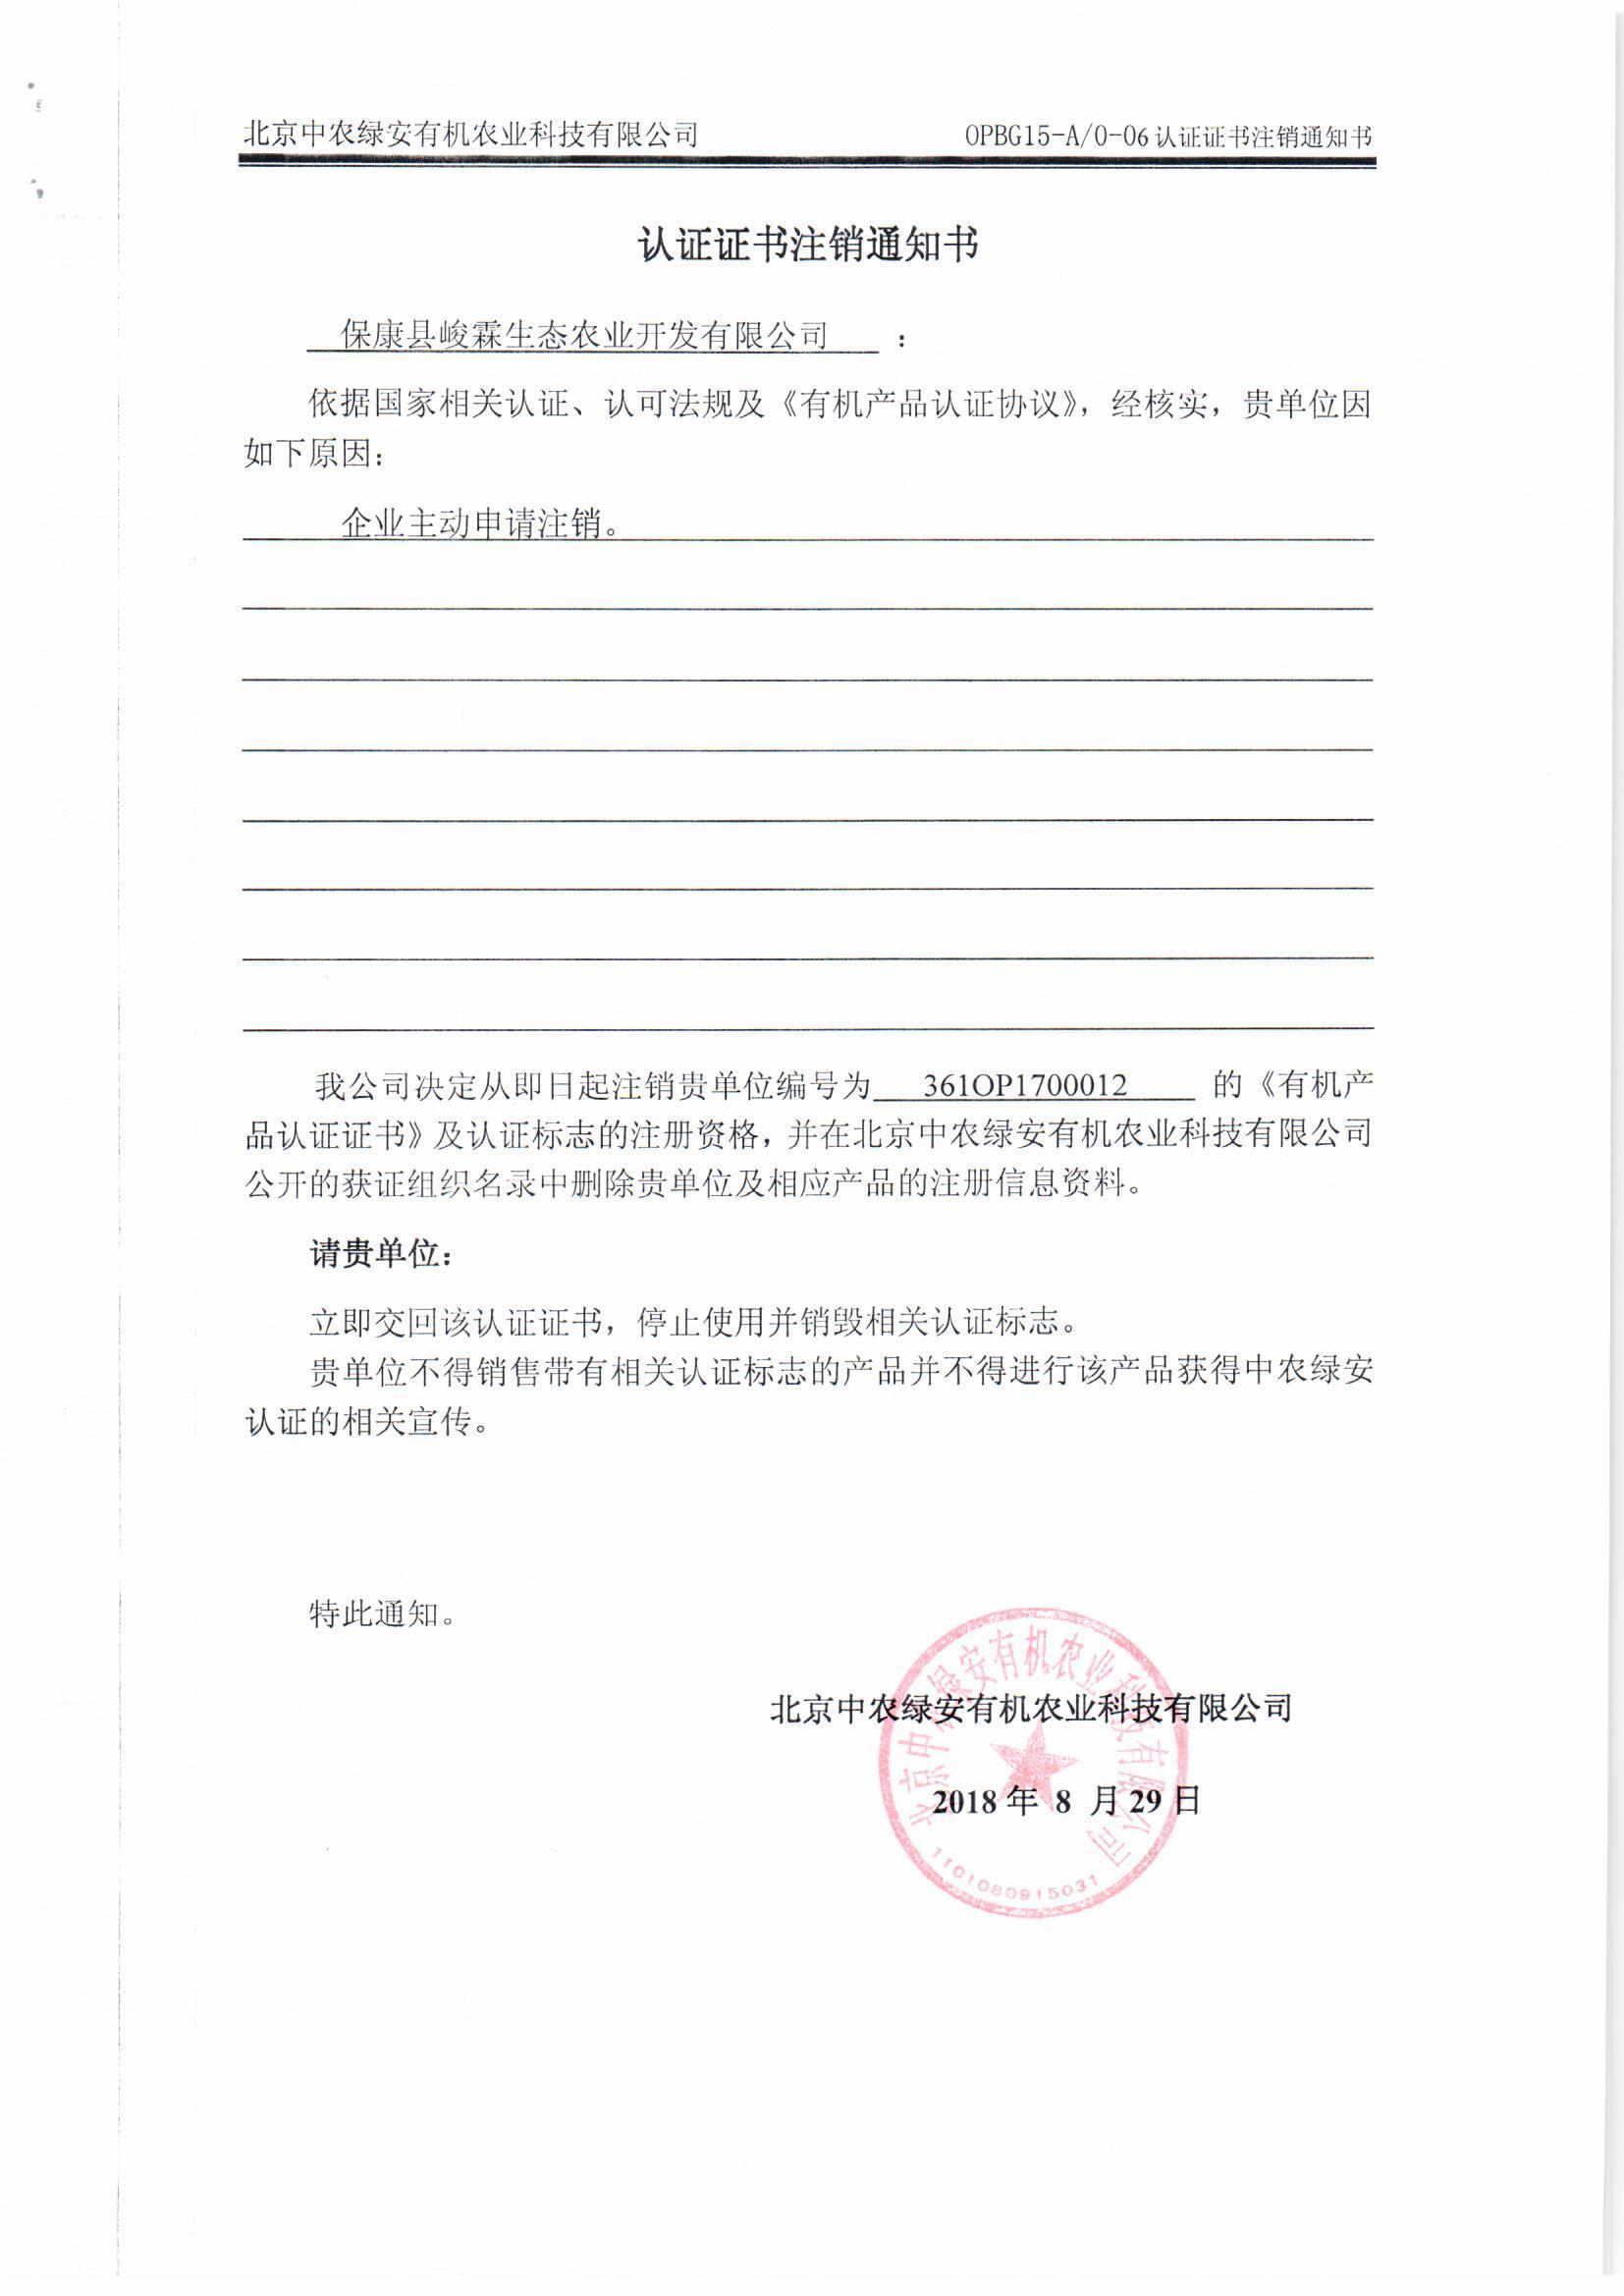 保康县峻霖生态农业开发有限公司